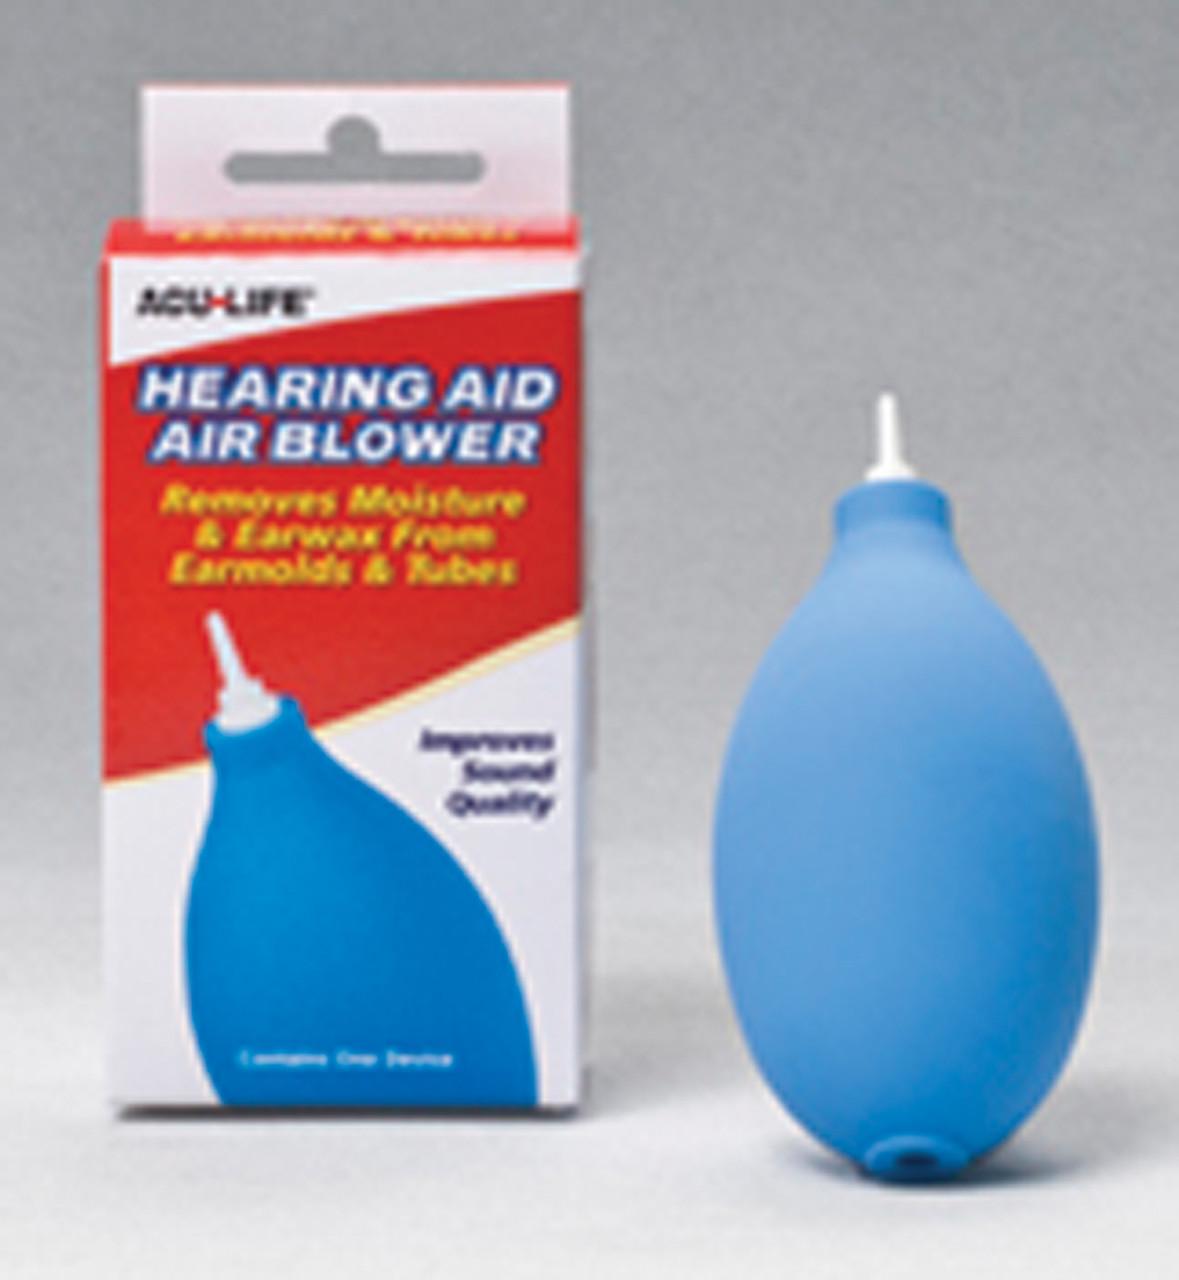 Hearing Aid Air Blower